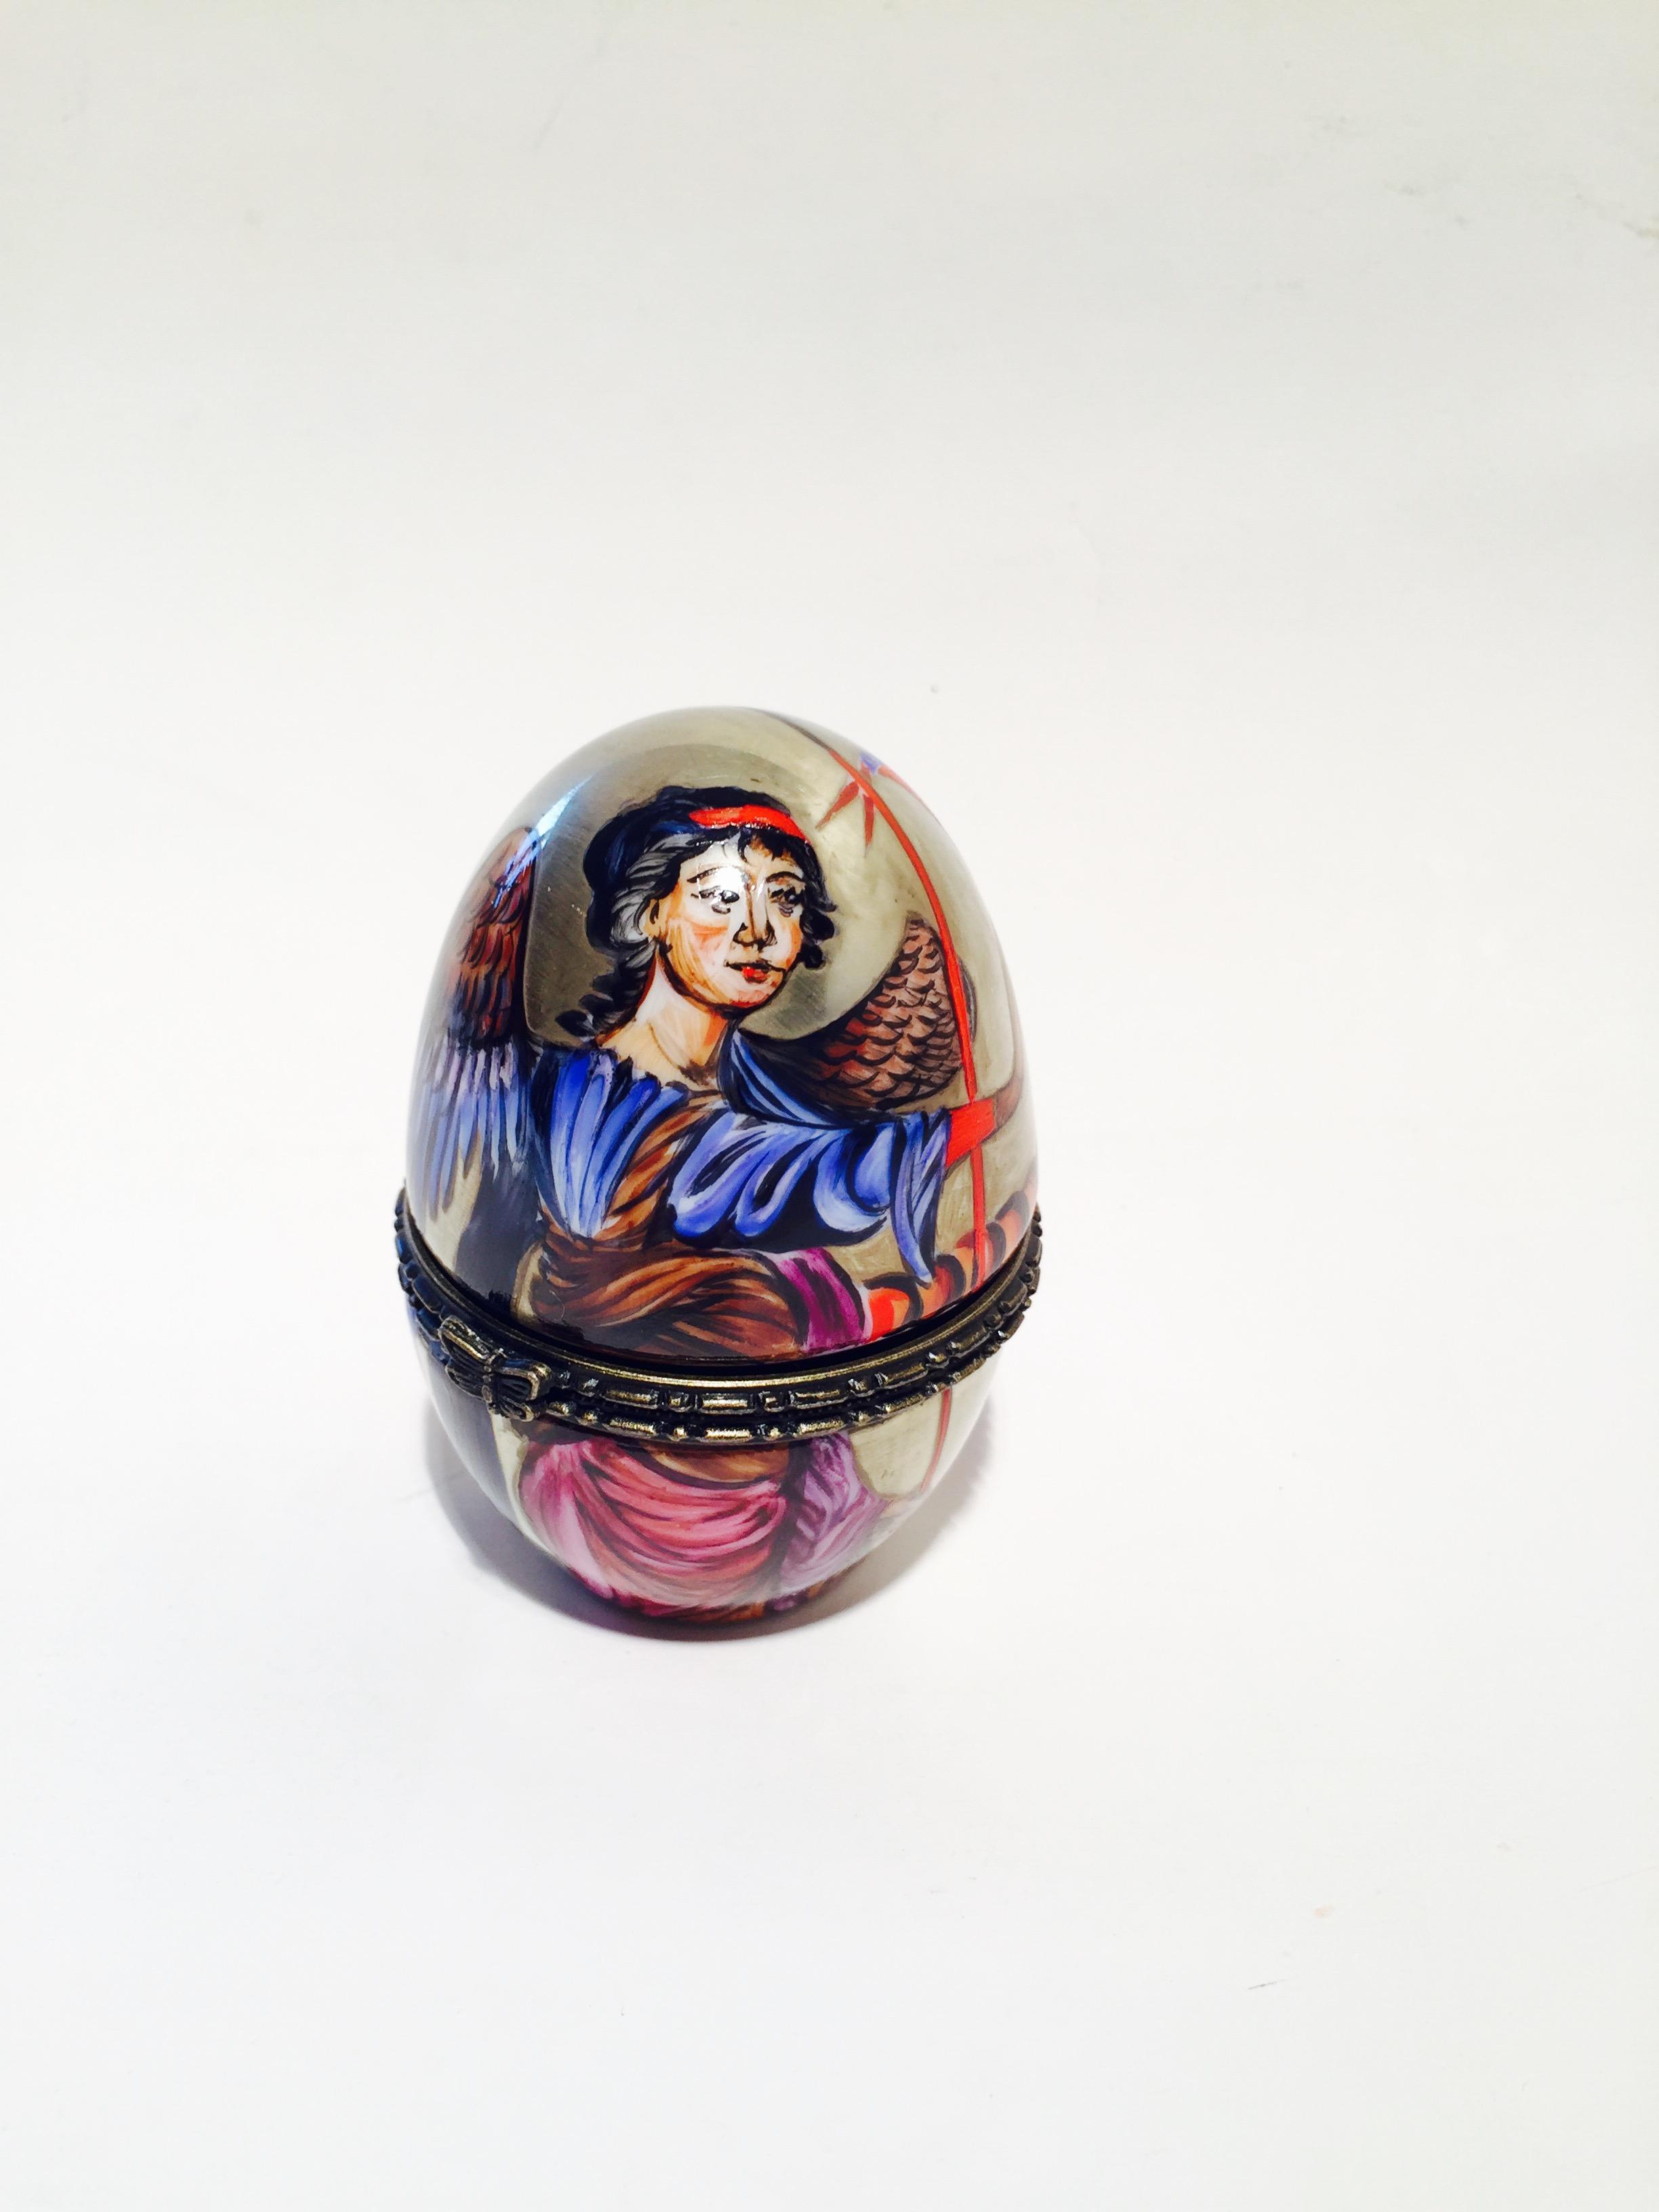 Oeuf -«Ange» boite pour bijoux. Doré à l'or fin